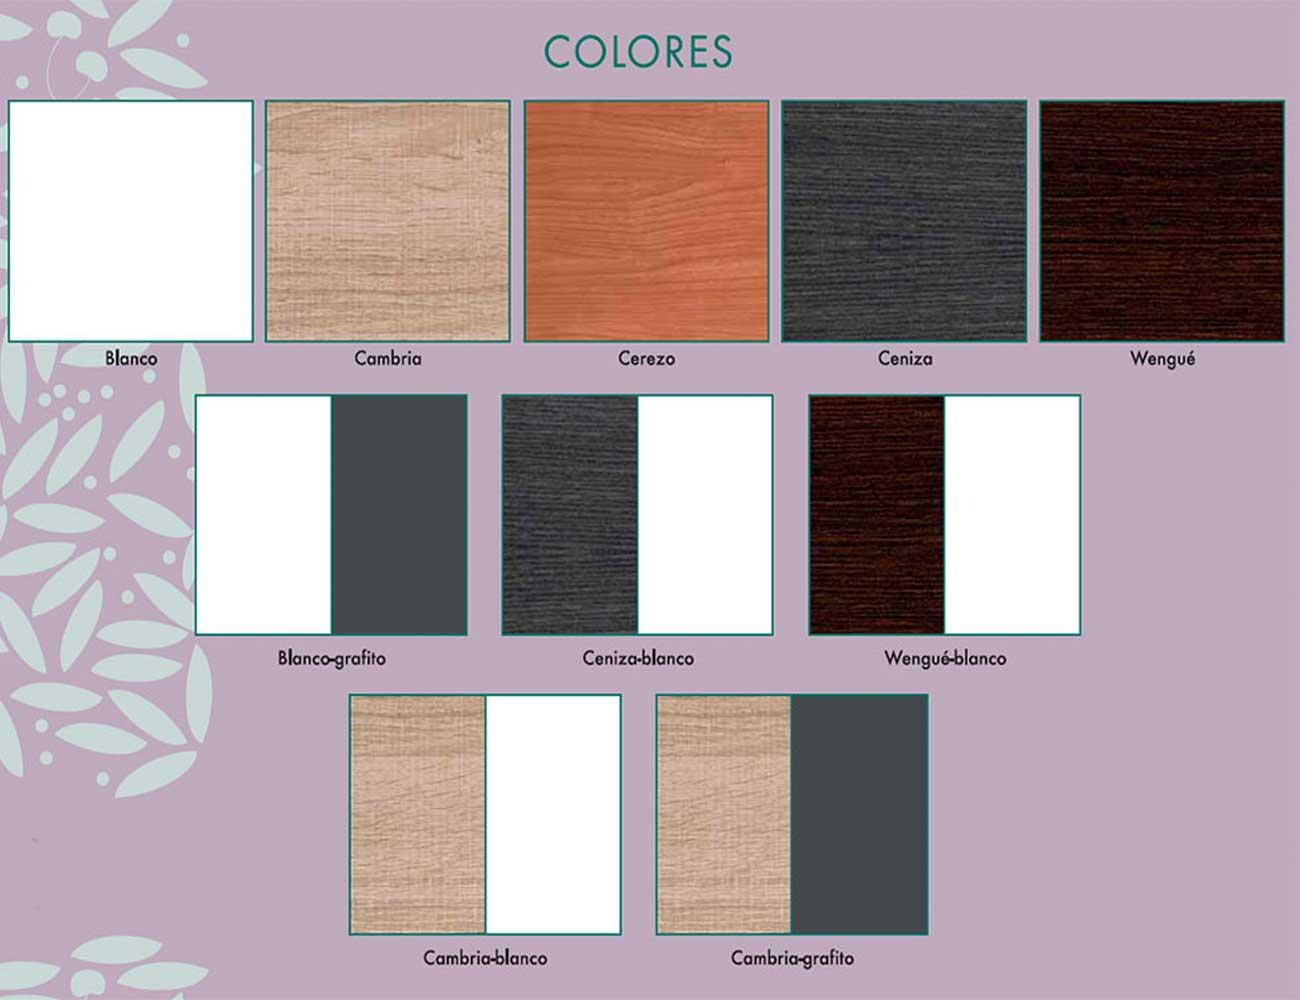 Salon colores2